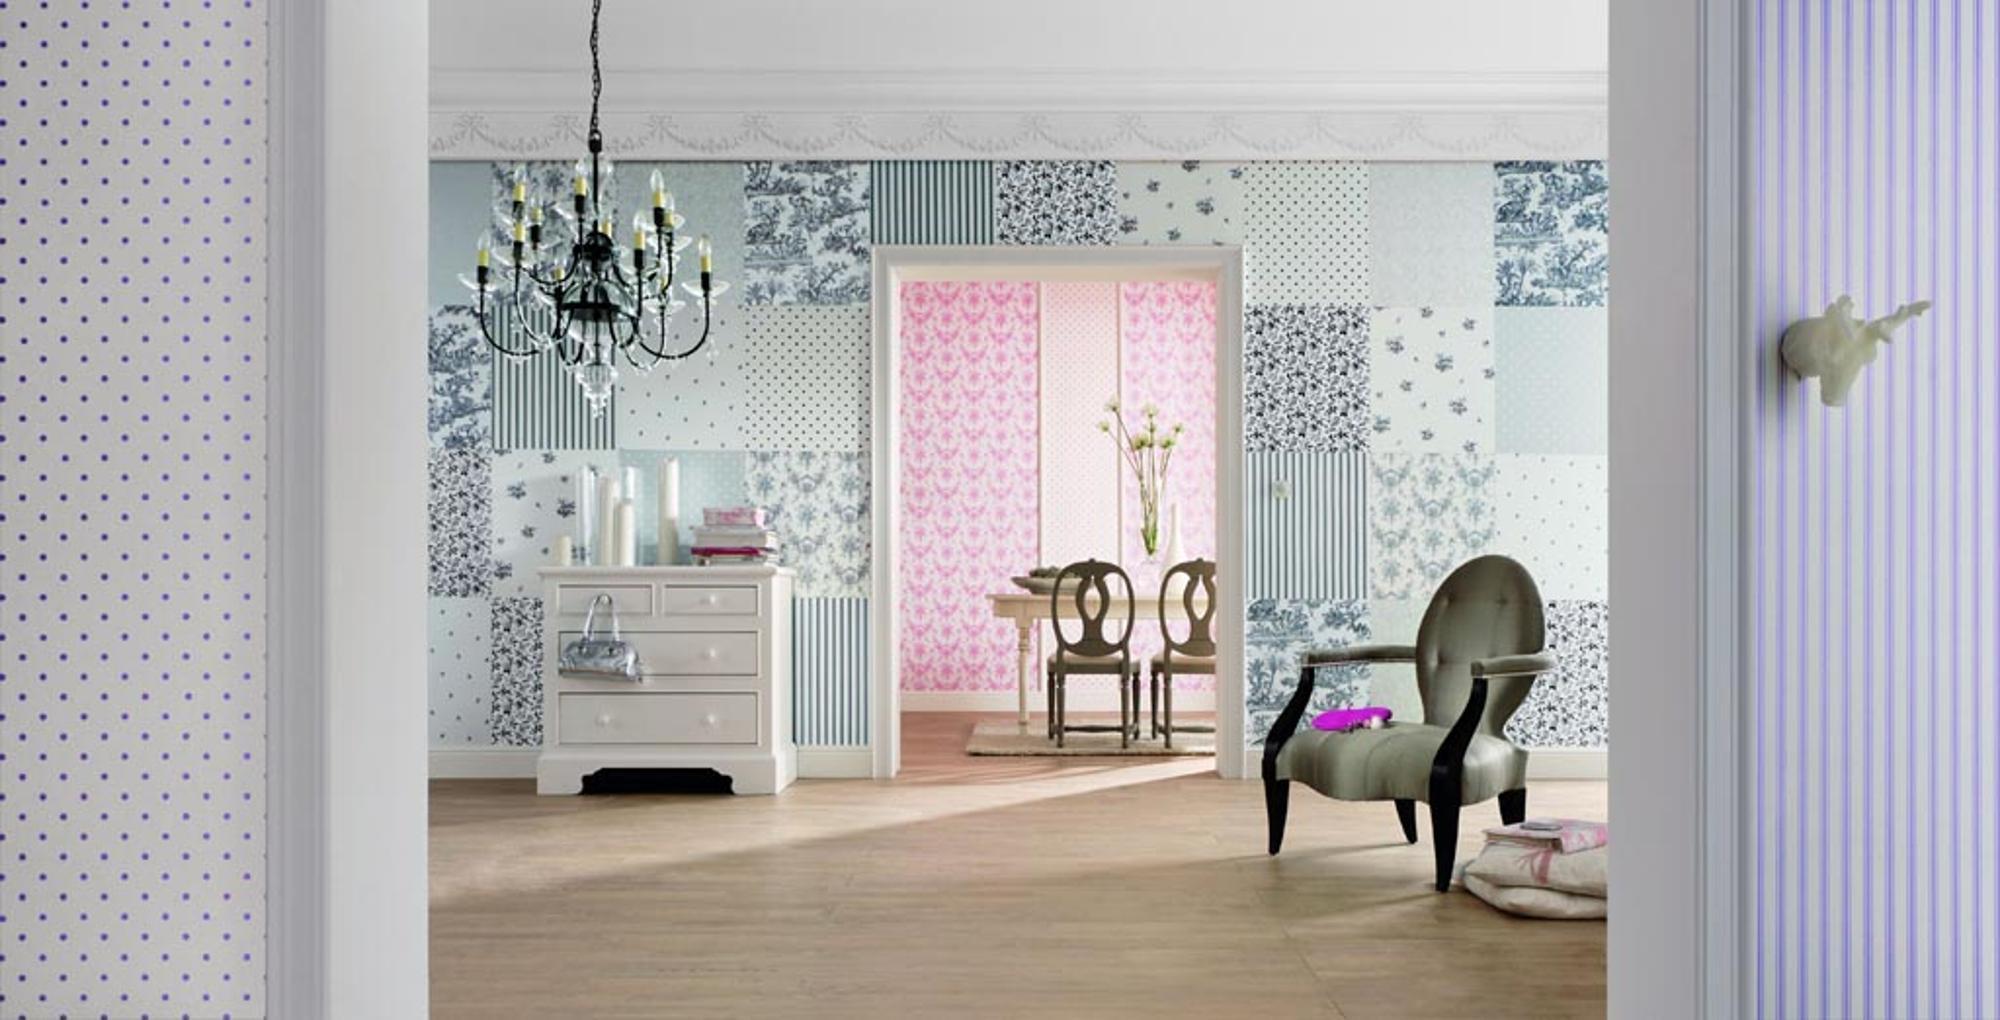 Rasch Designmix: Der Eindruck Jedes Bedruckte Viereck Sei Einzeln  Angebracht Gibt Dem Raum Höchste Individualität.